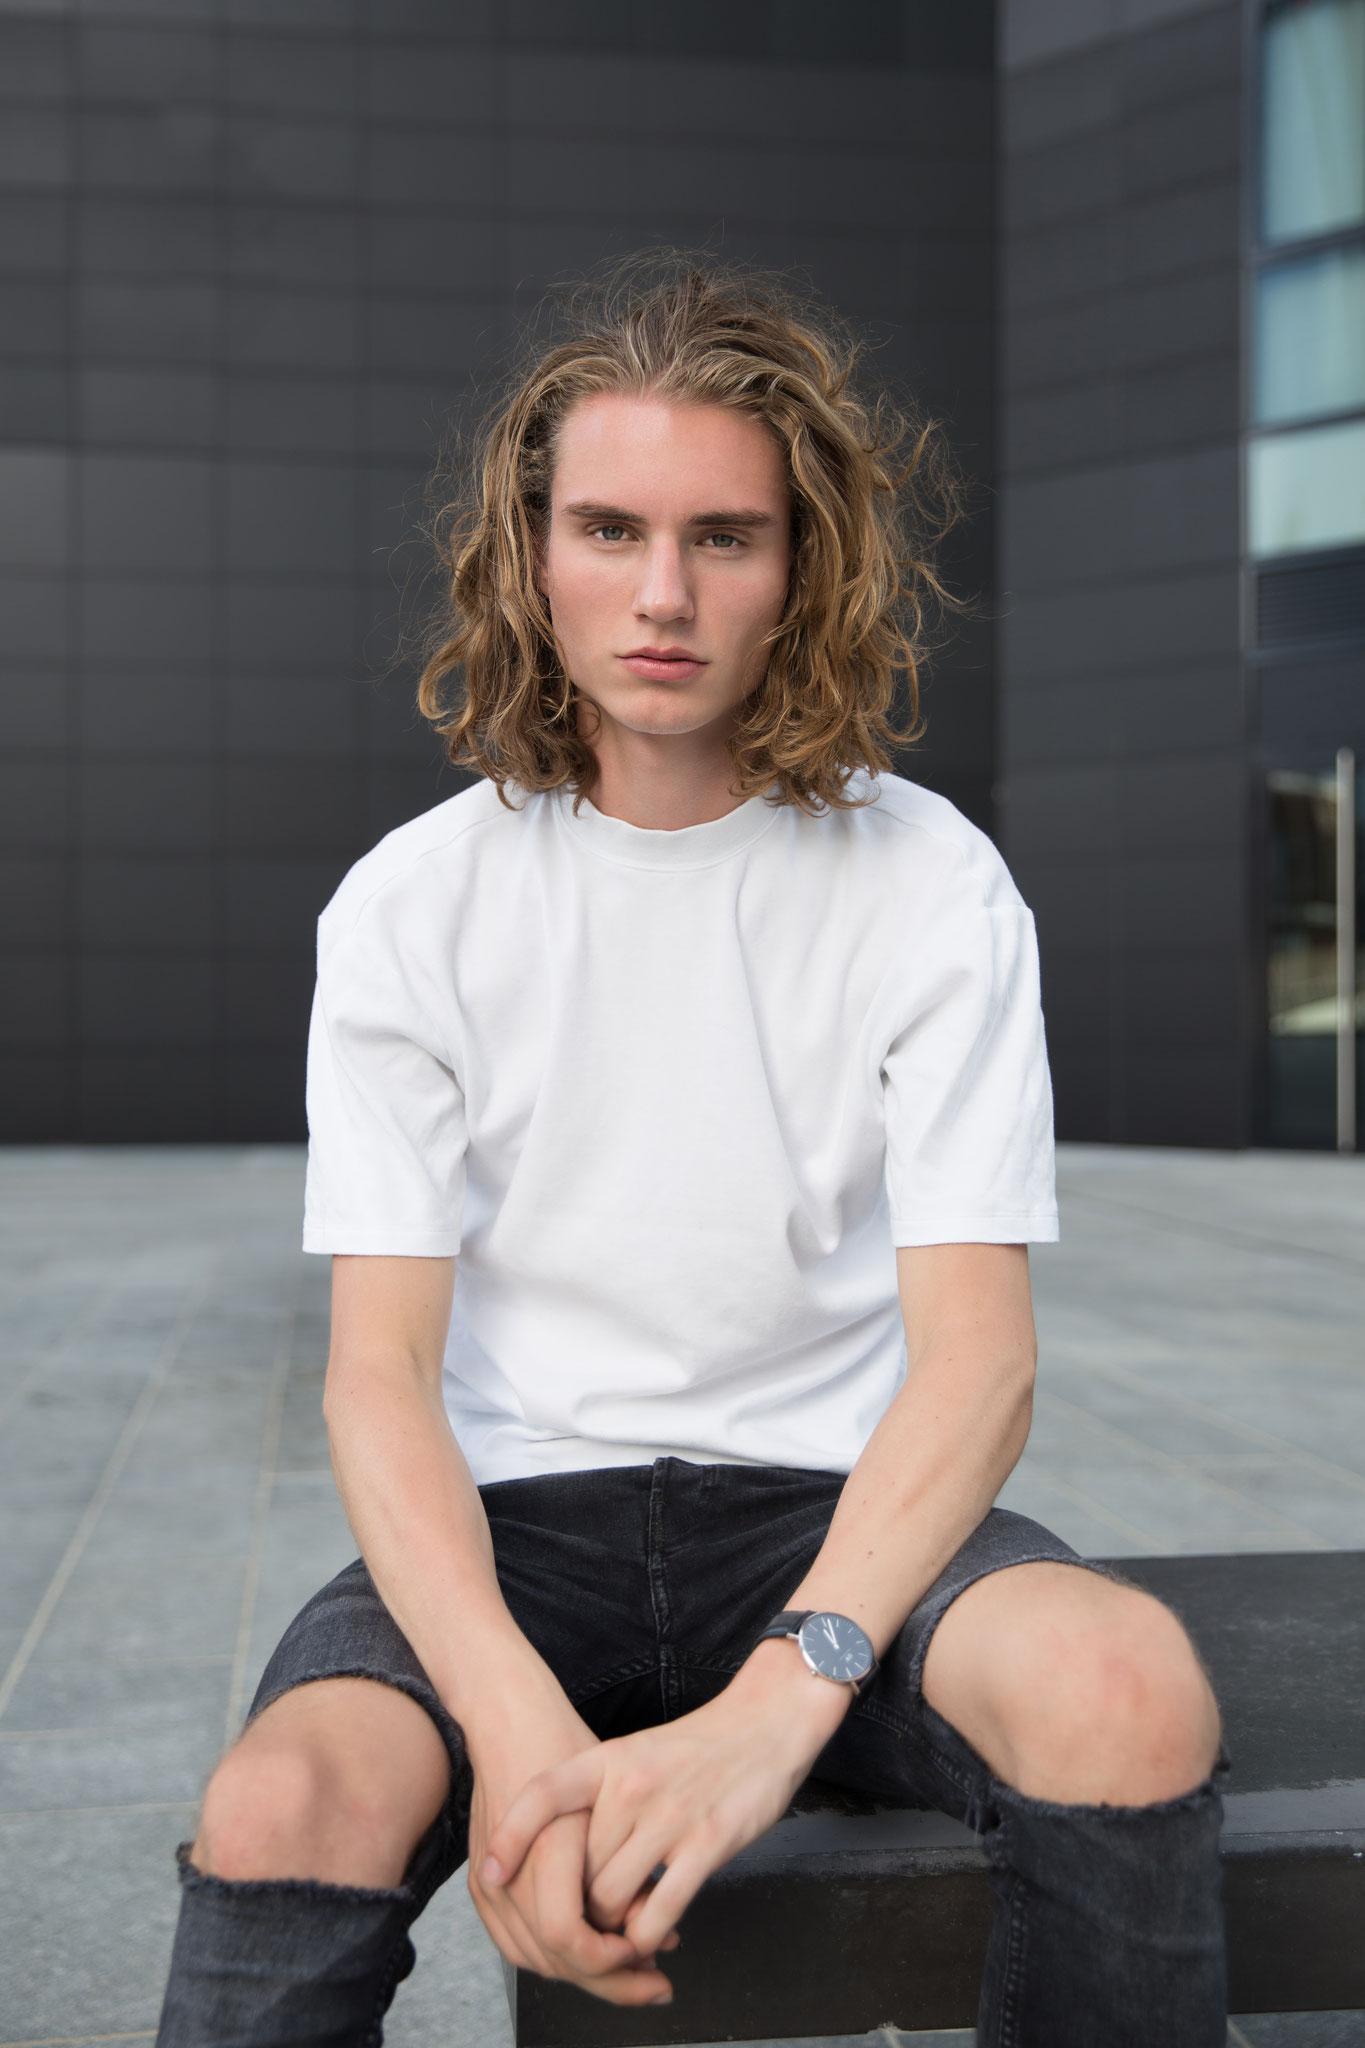 portrait fashion